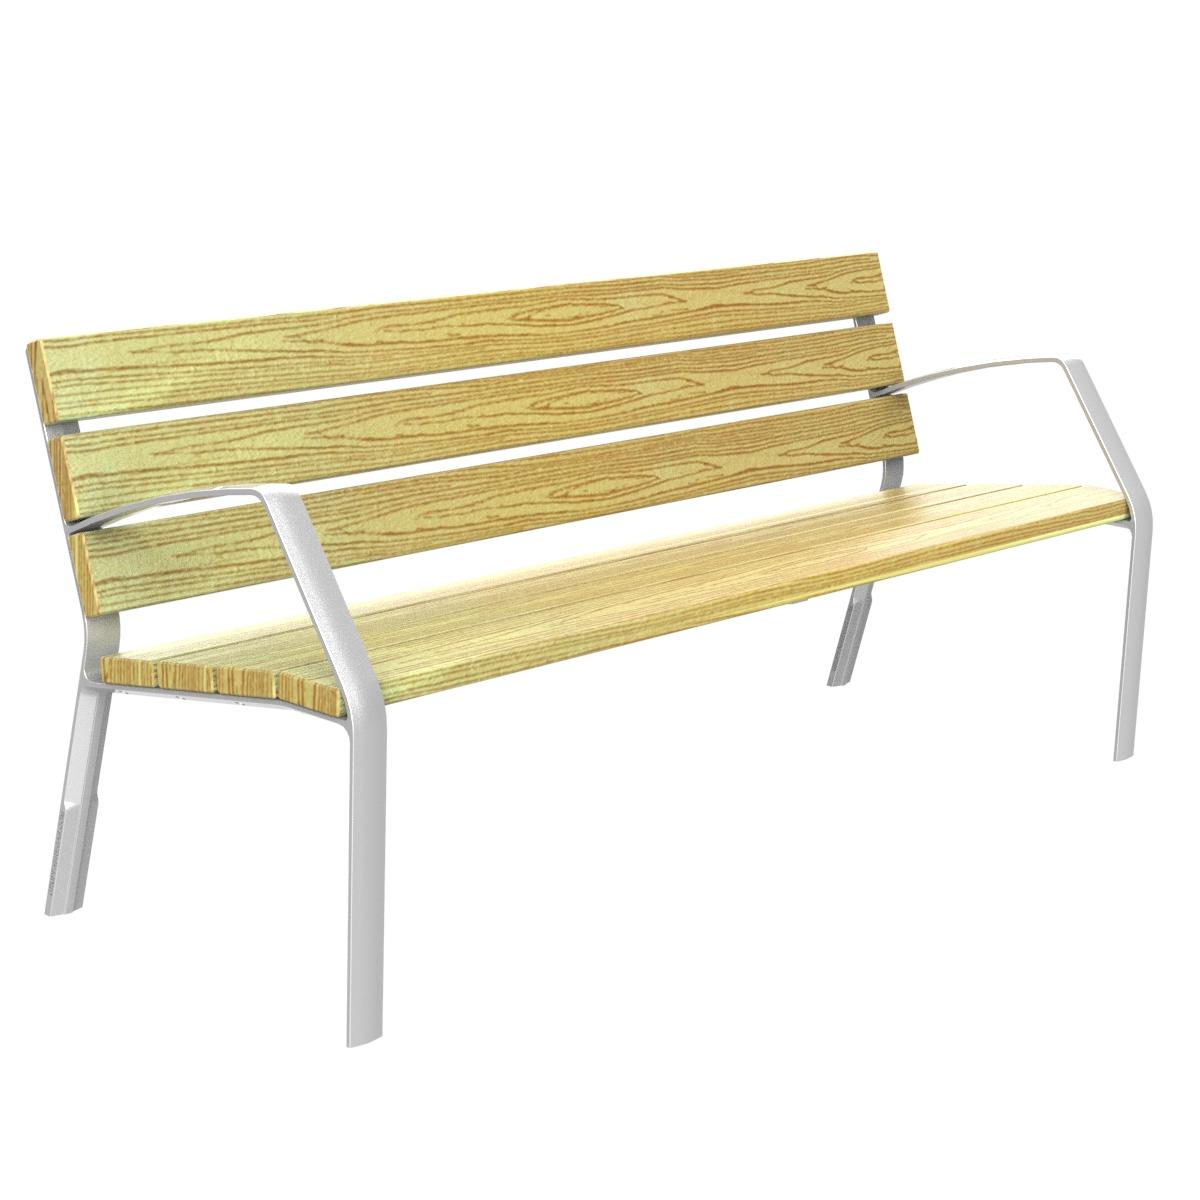 Banc en bois avec des pieds en aluminium Modo10